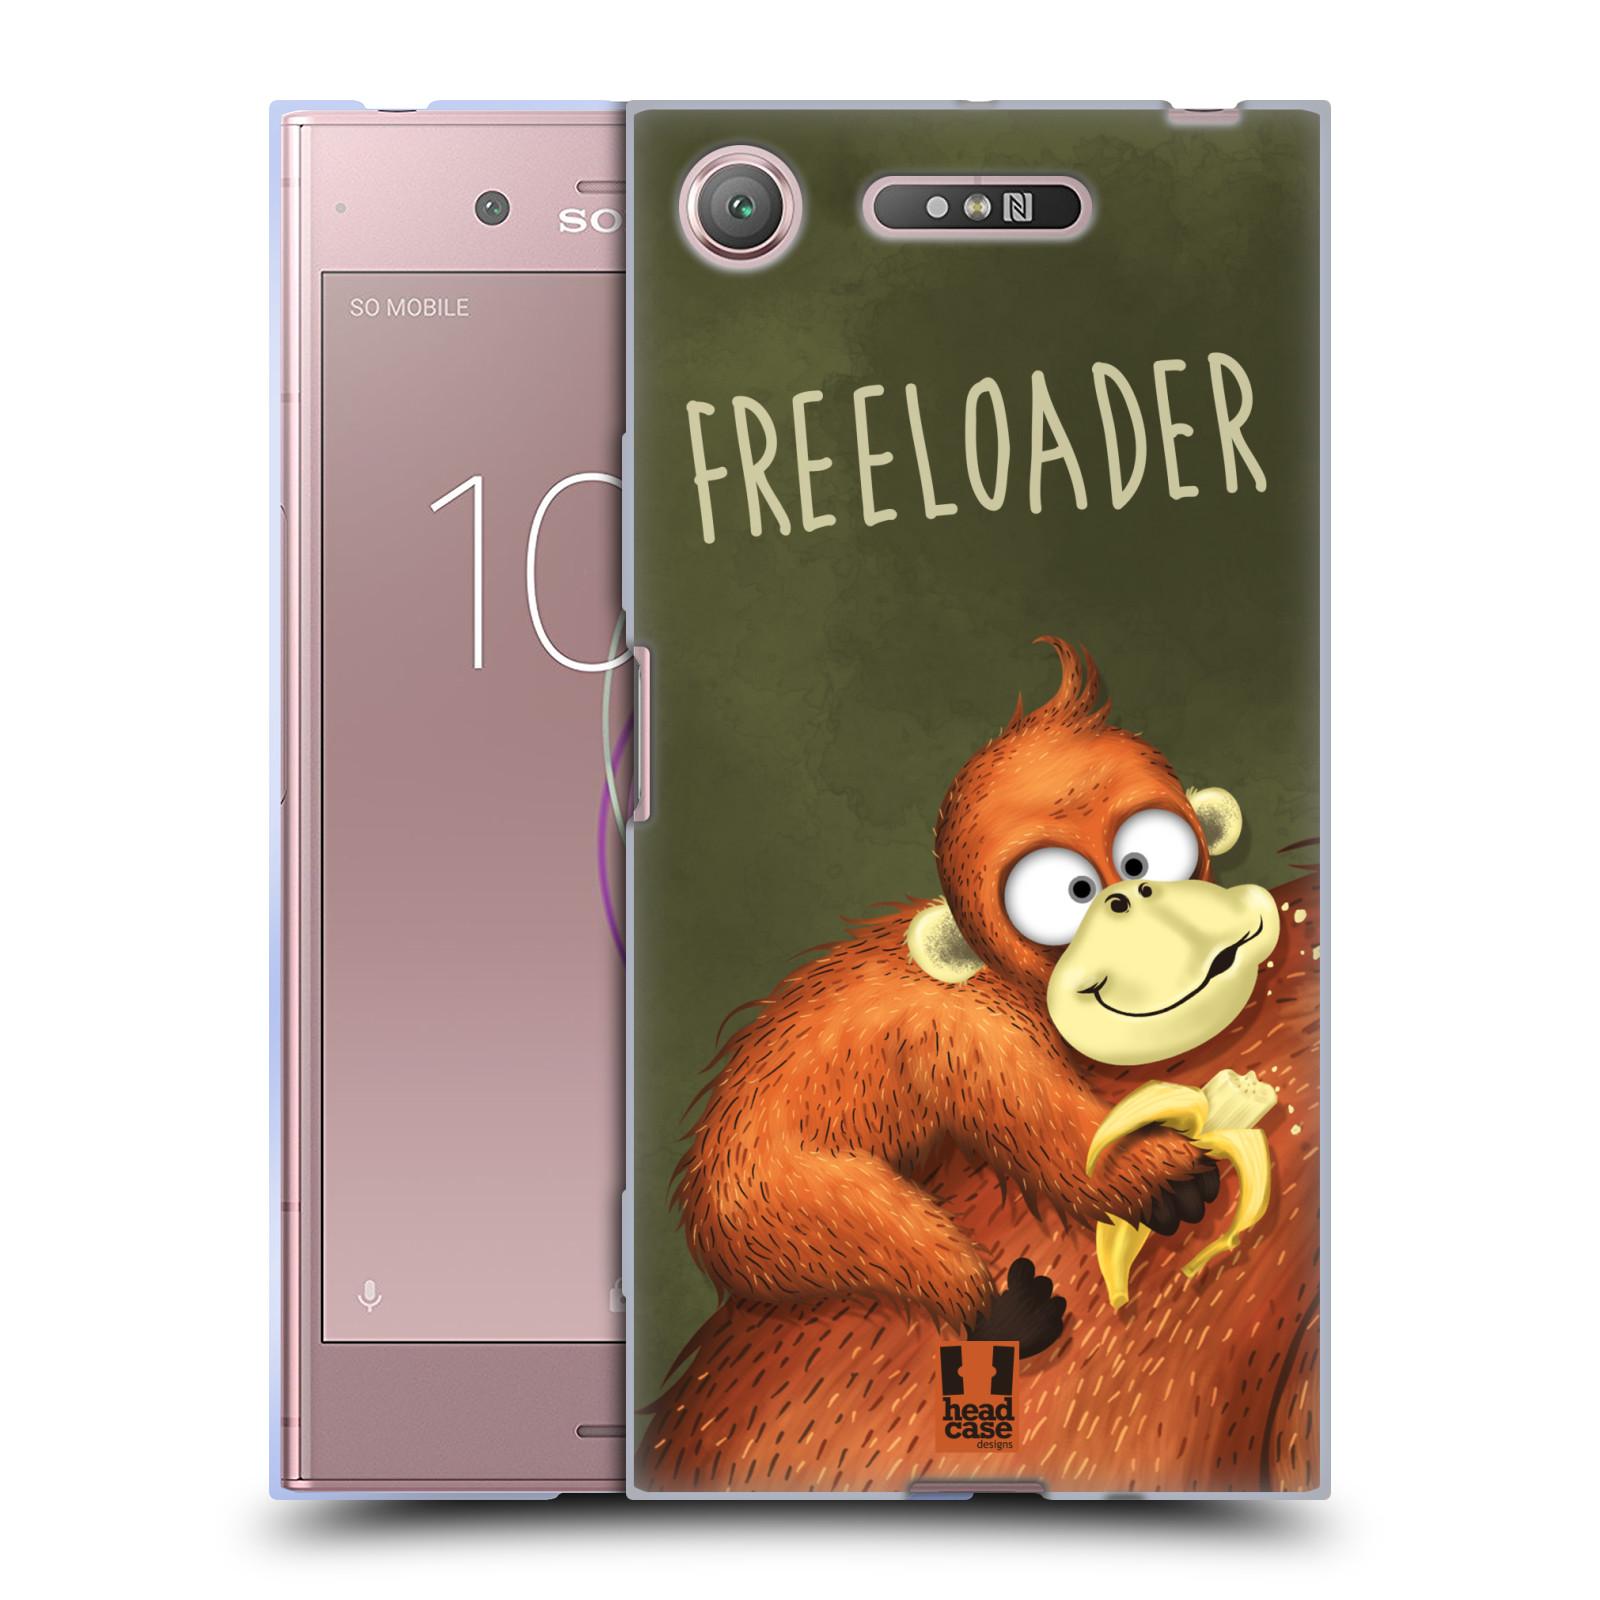 Silikonové pouzdro na mobil Sony Xperia XZ1 - Head Case - Opičák Freeloader